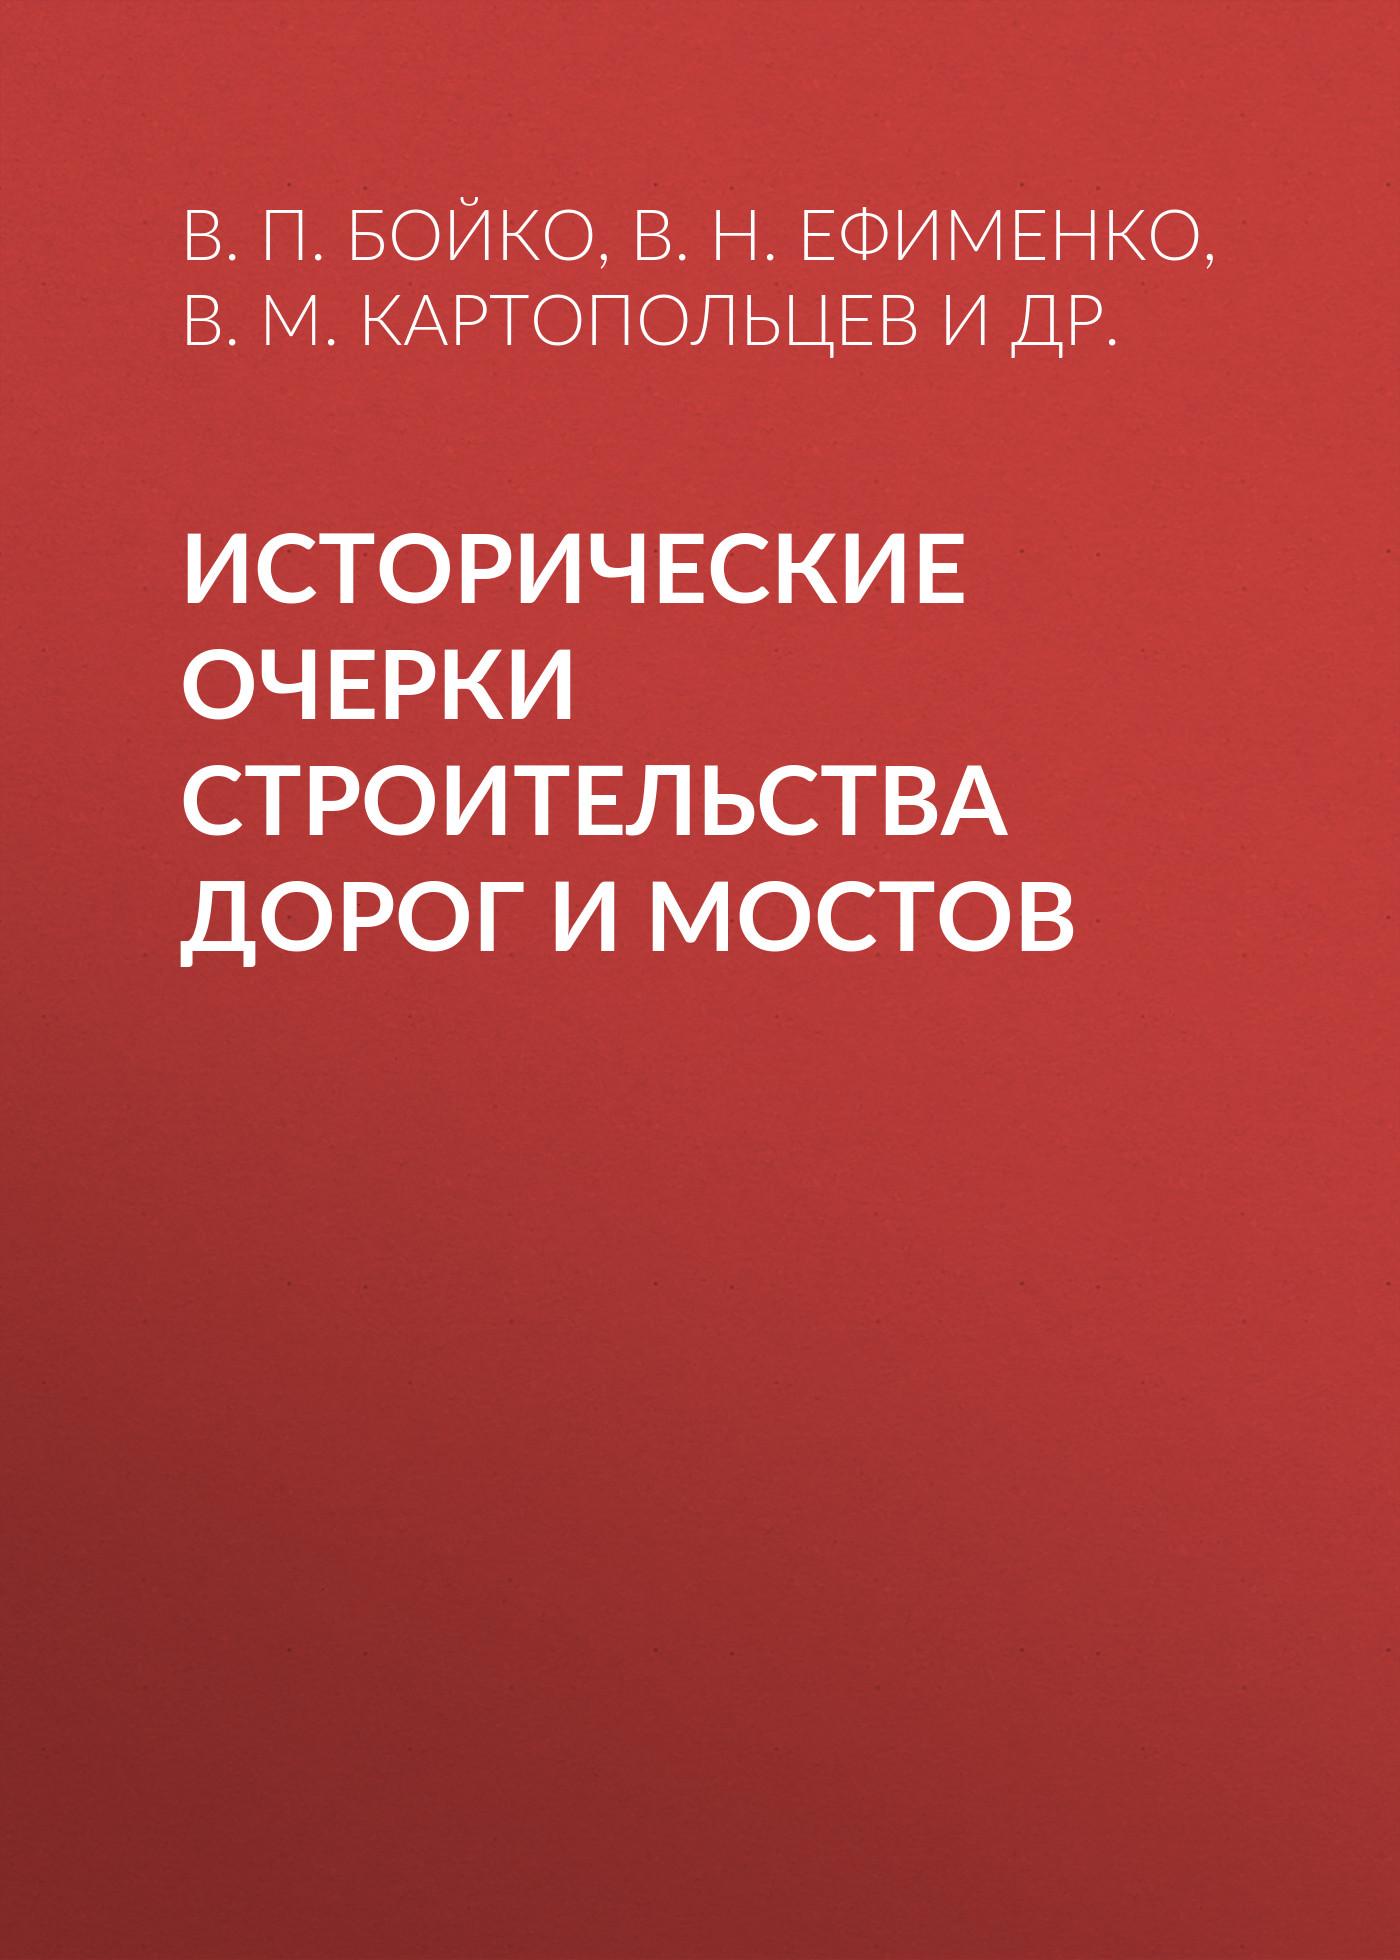 В. П. Бойко Исторические очерки строительства дорог и мостов